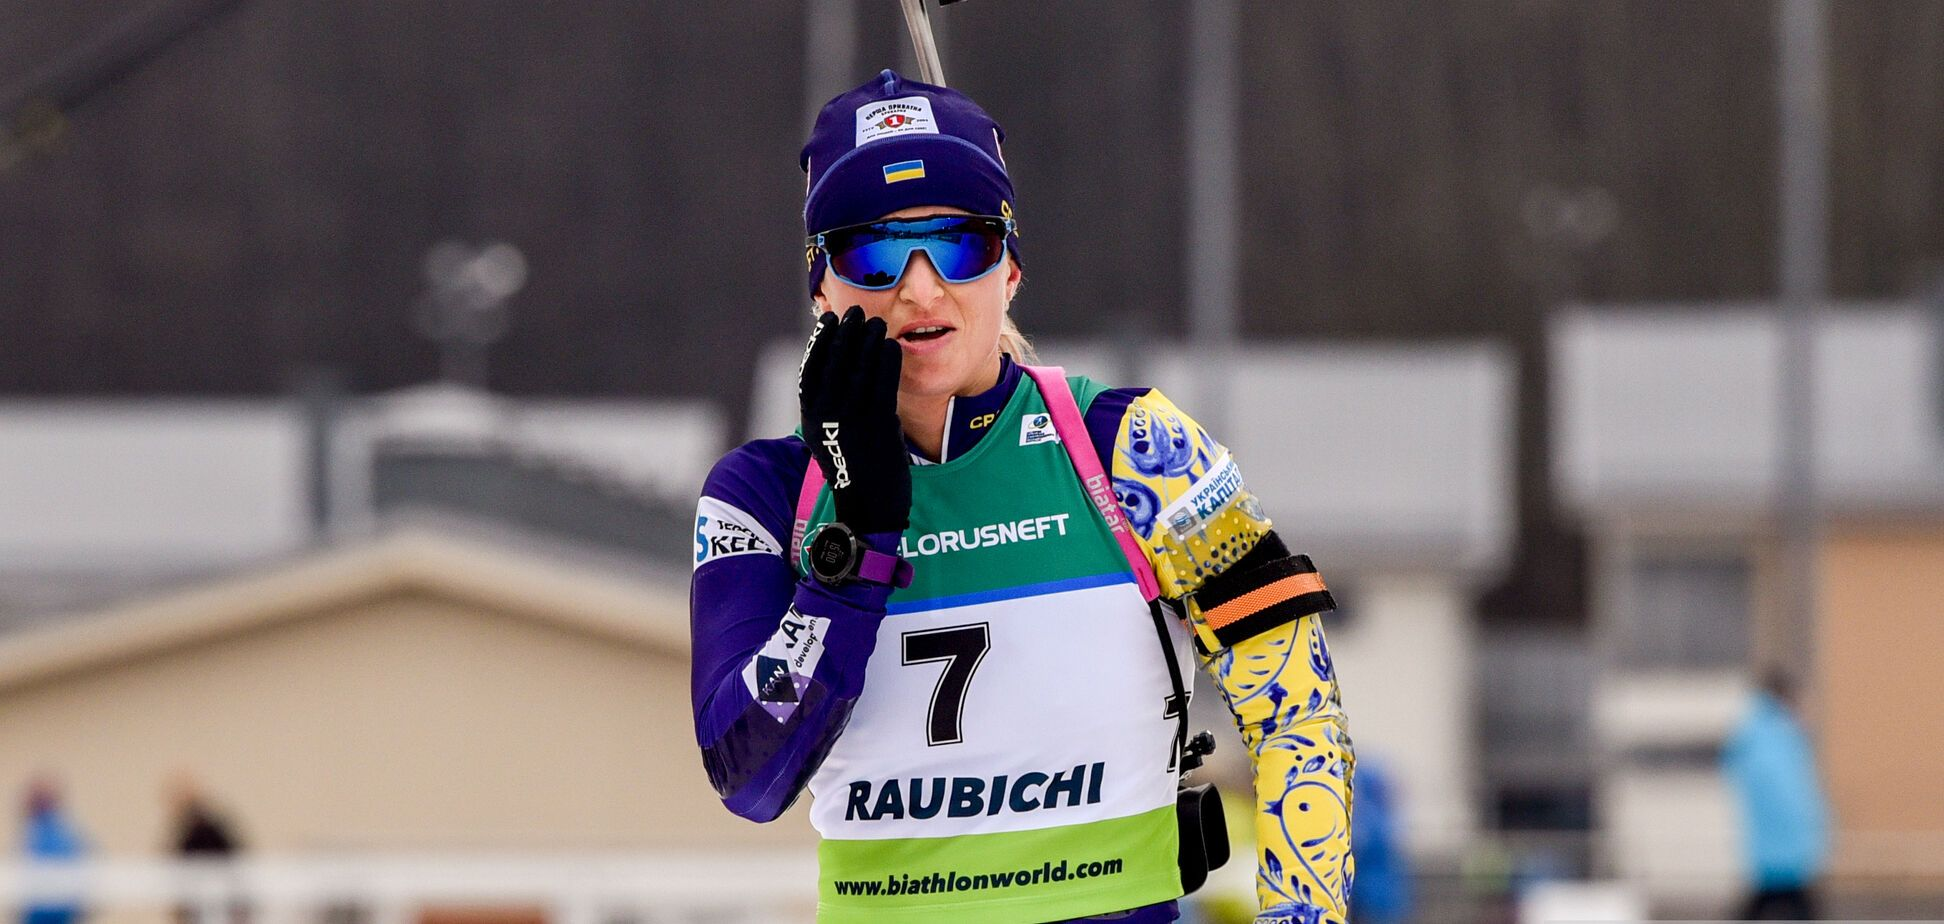 'Це вже не смішно': Семеренко не стрималася після чемпіонату Європи з біатлону